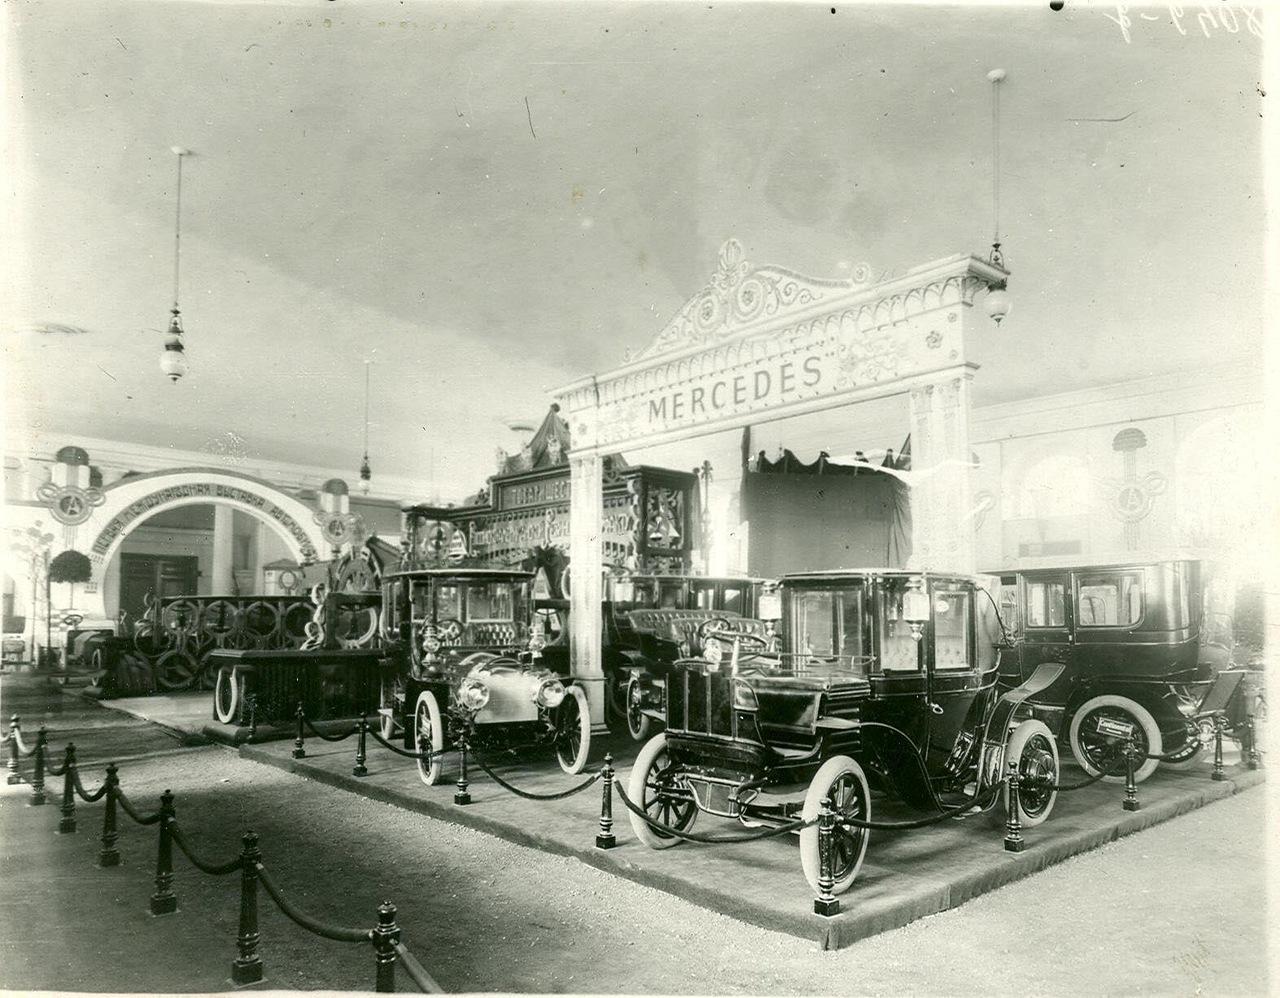 0_a93f2_b9ccea0e_XXXLАвтомобили фирмы Мерседес -экспонаты Первой международной автомобильной выставки в Михайловском манеже.